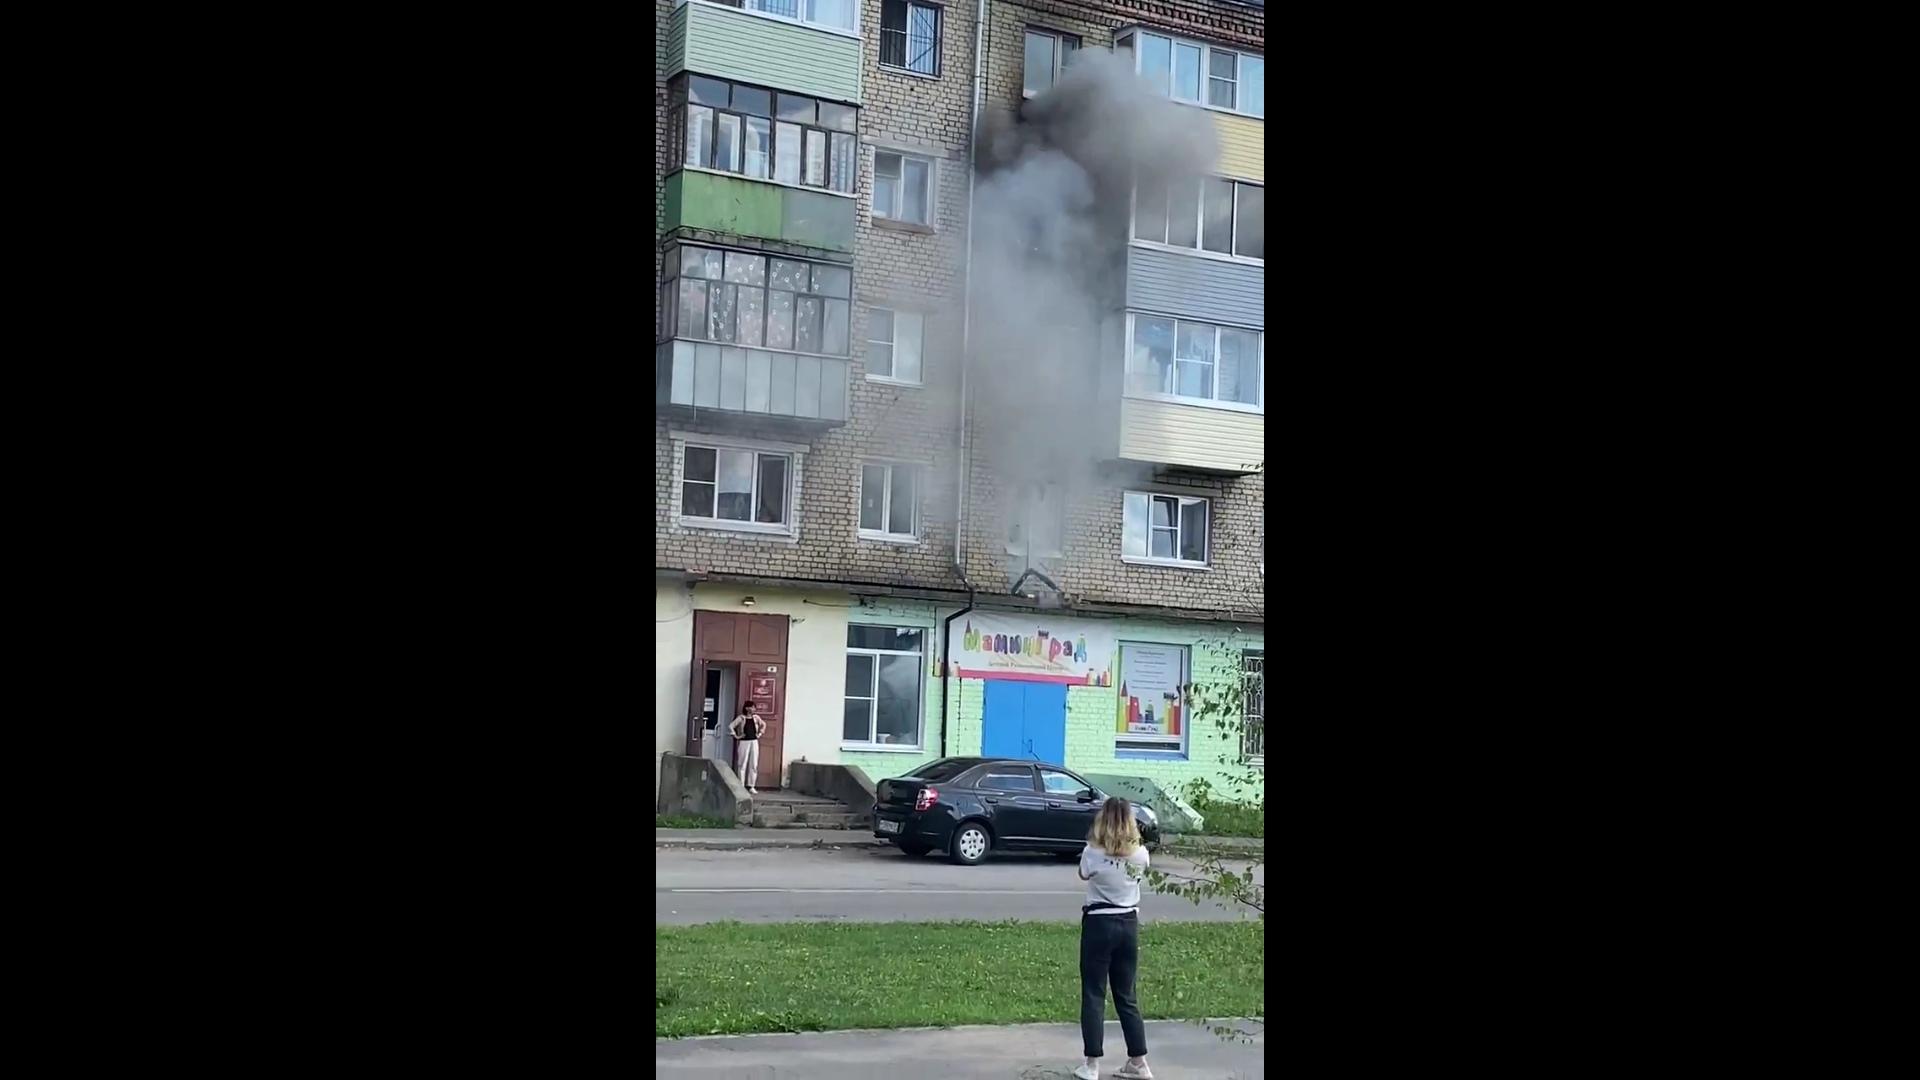 В Рыбинске из-за взорвавшегося холодильника в беде оказались женщина с ребенком